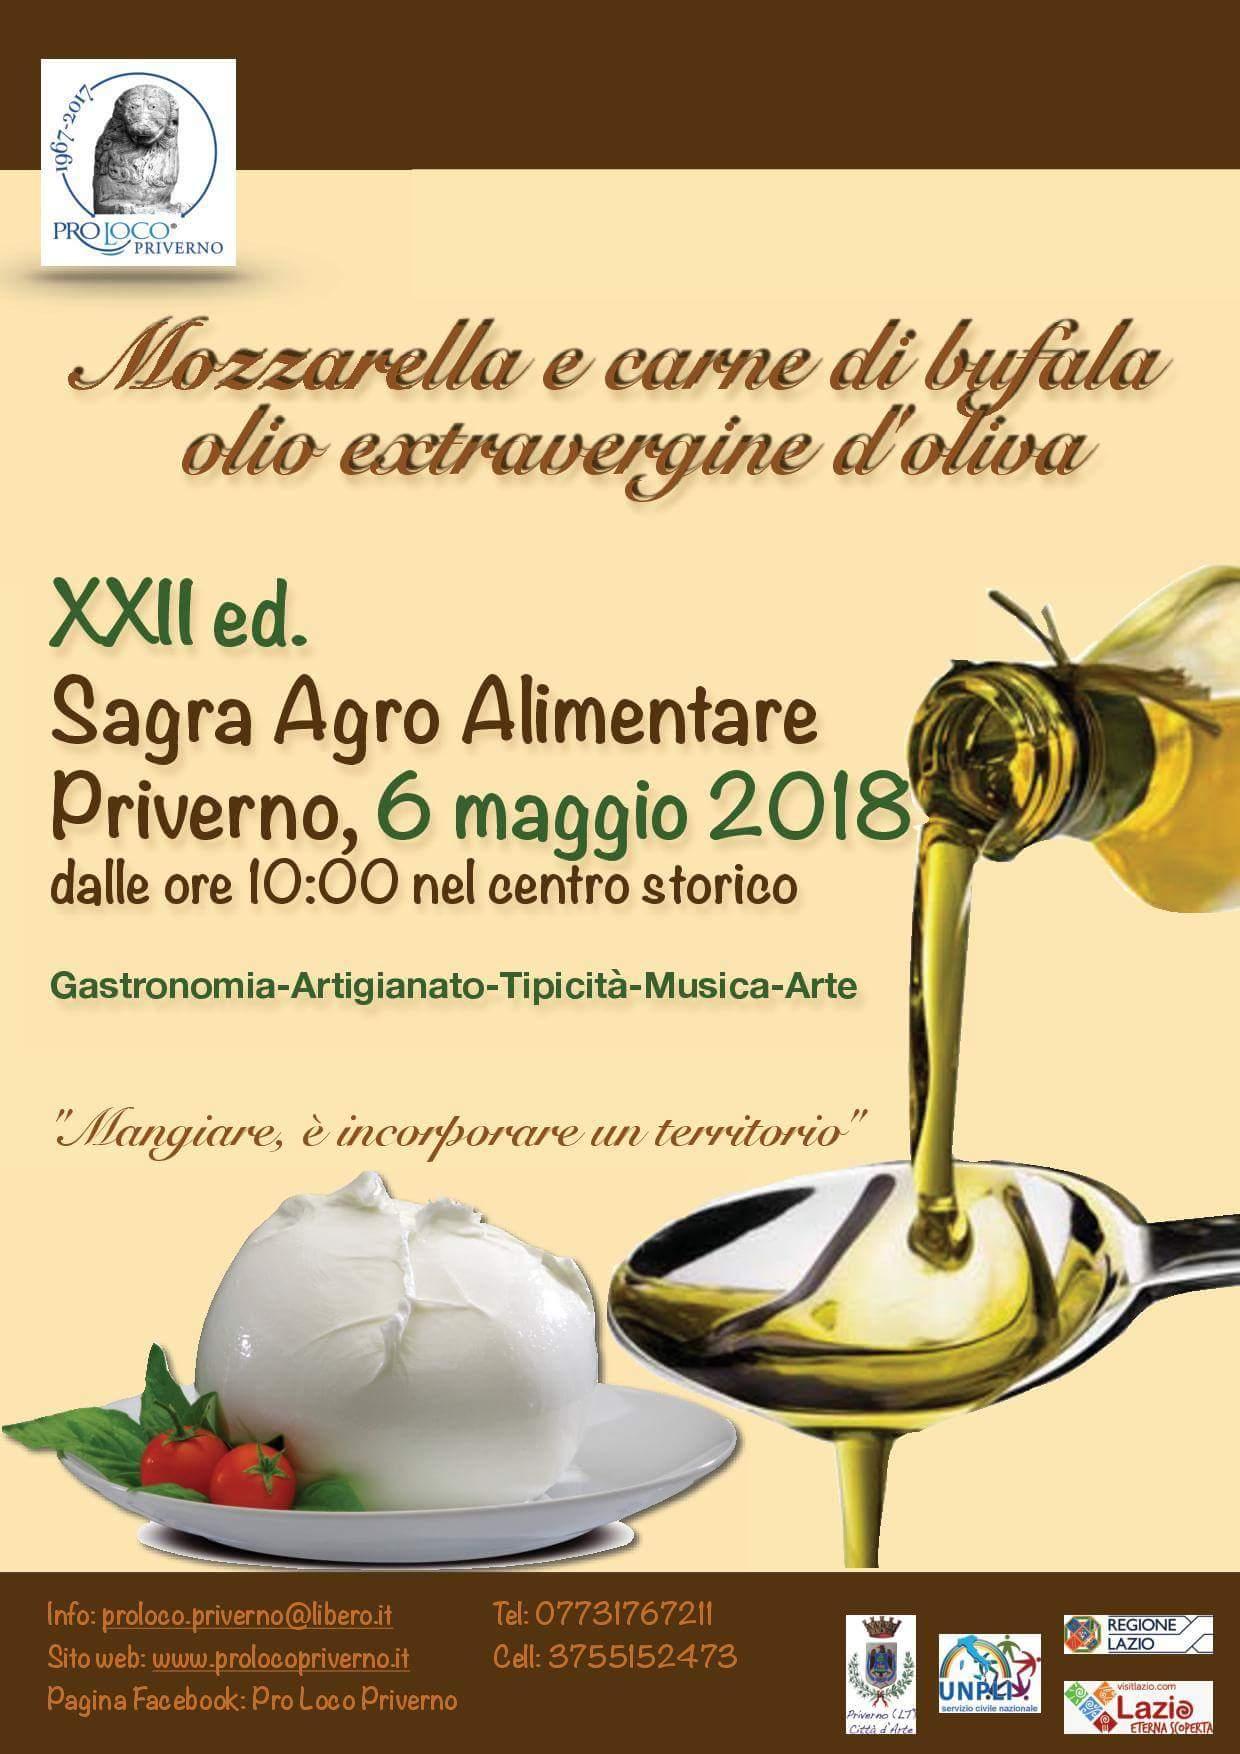 Priverno: XII ed. Sagra agro alimentare @ centro storico | Priverno | Lazio | Italia